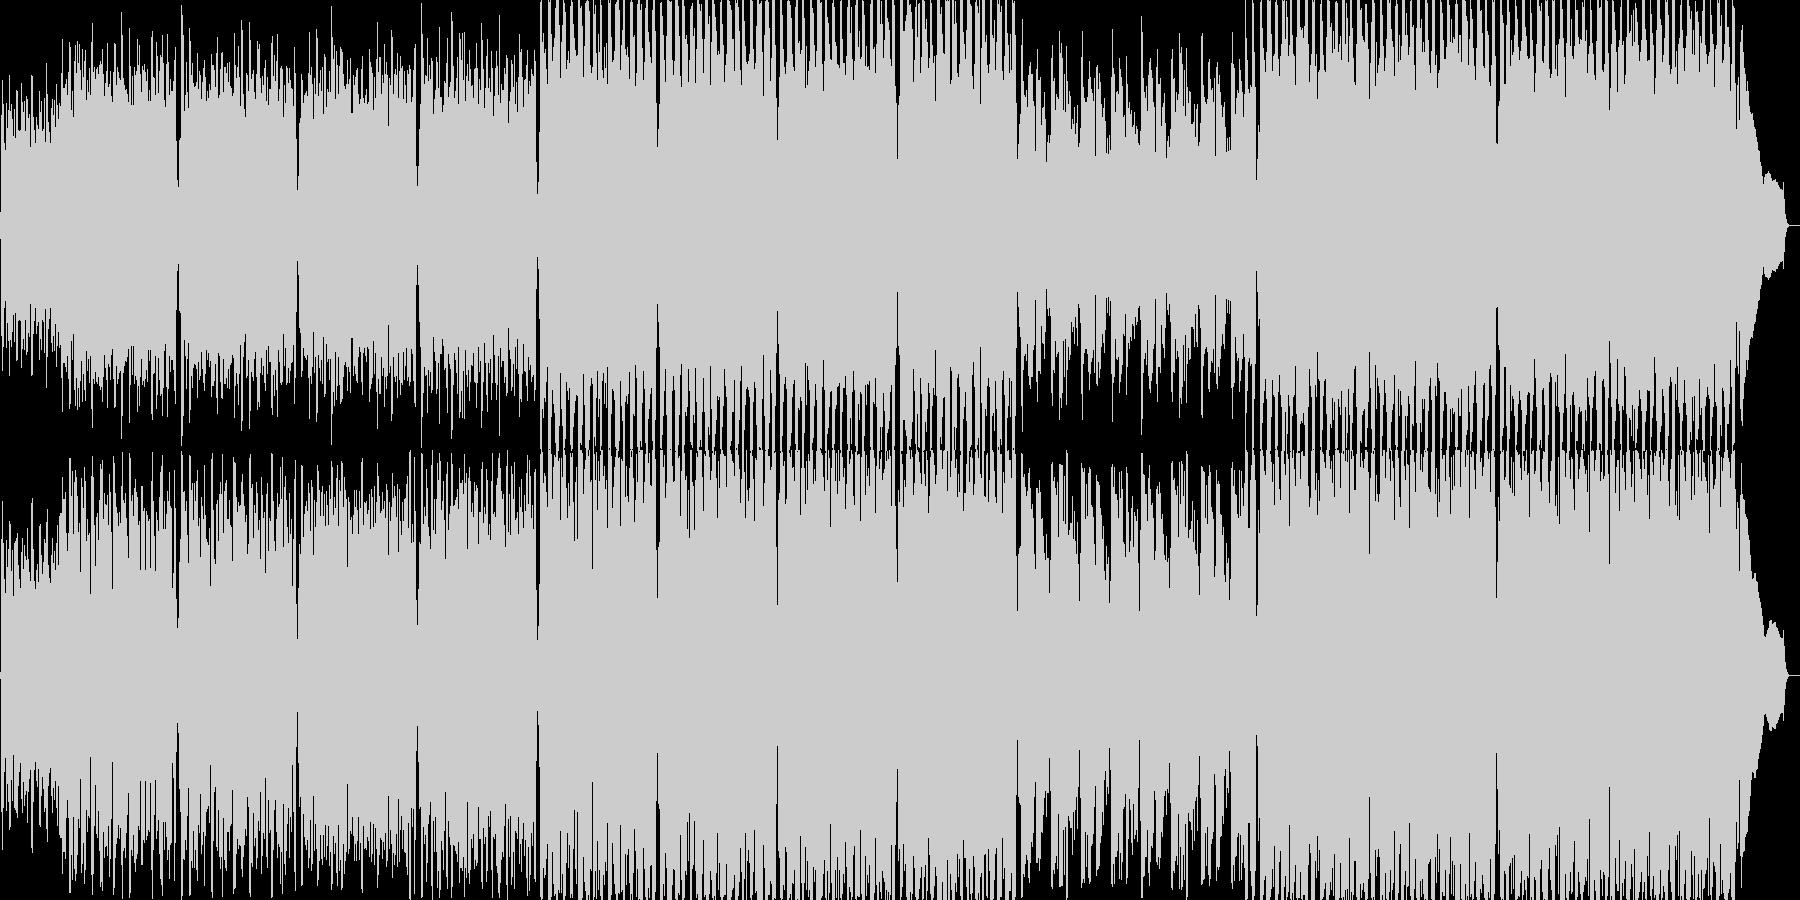 長調のジグ(アイルランド舞曲)の未再生の波形